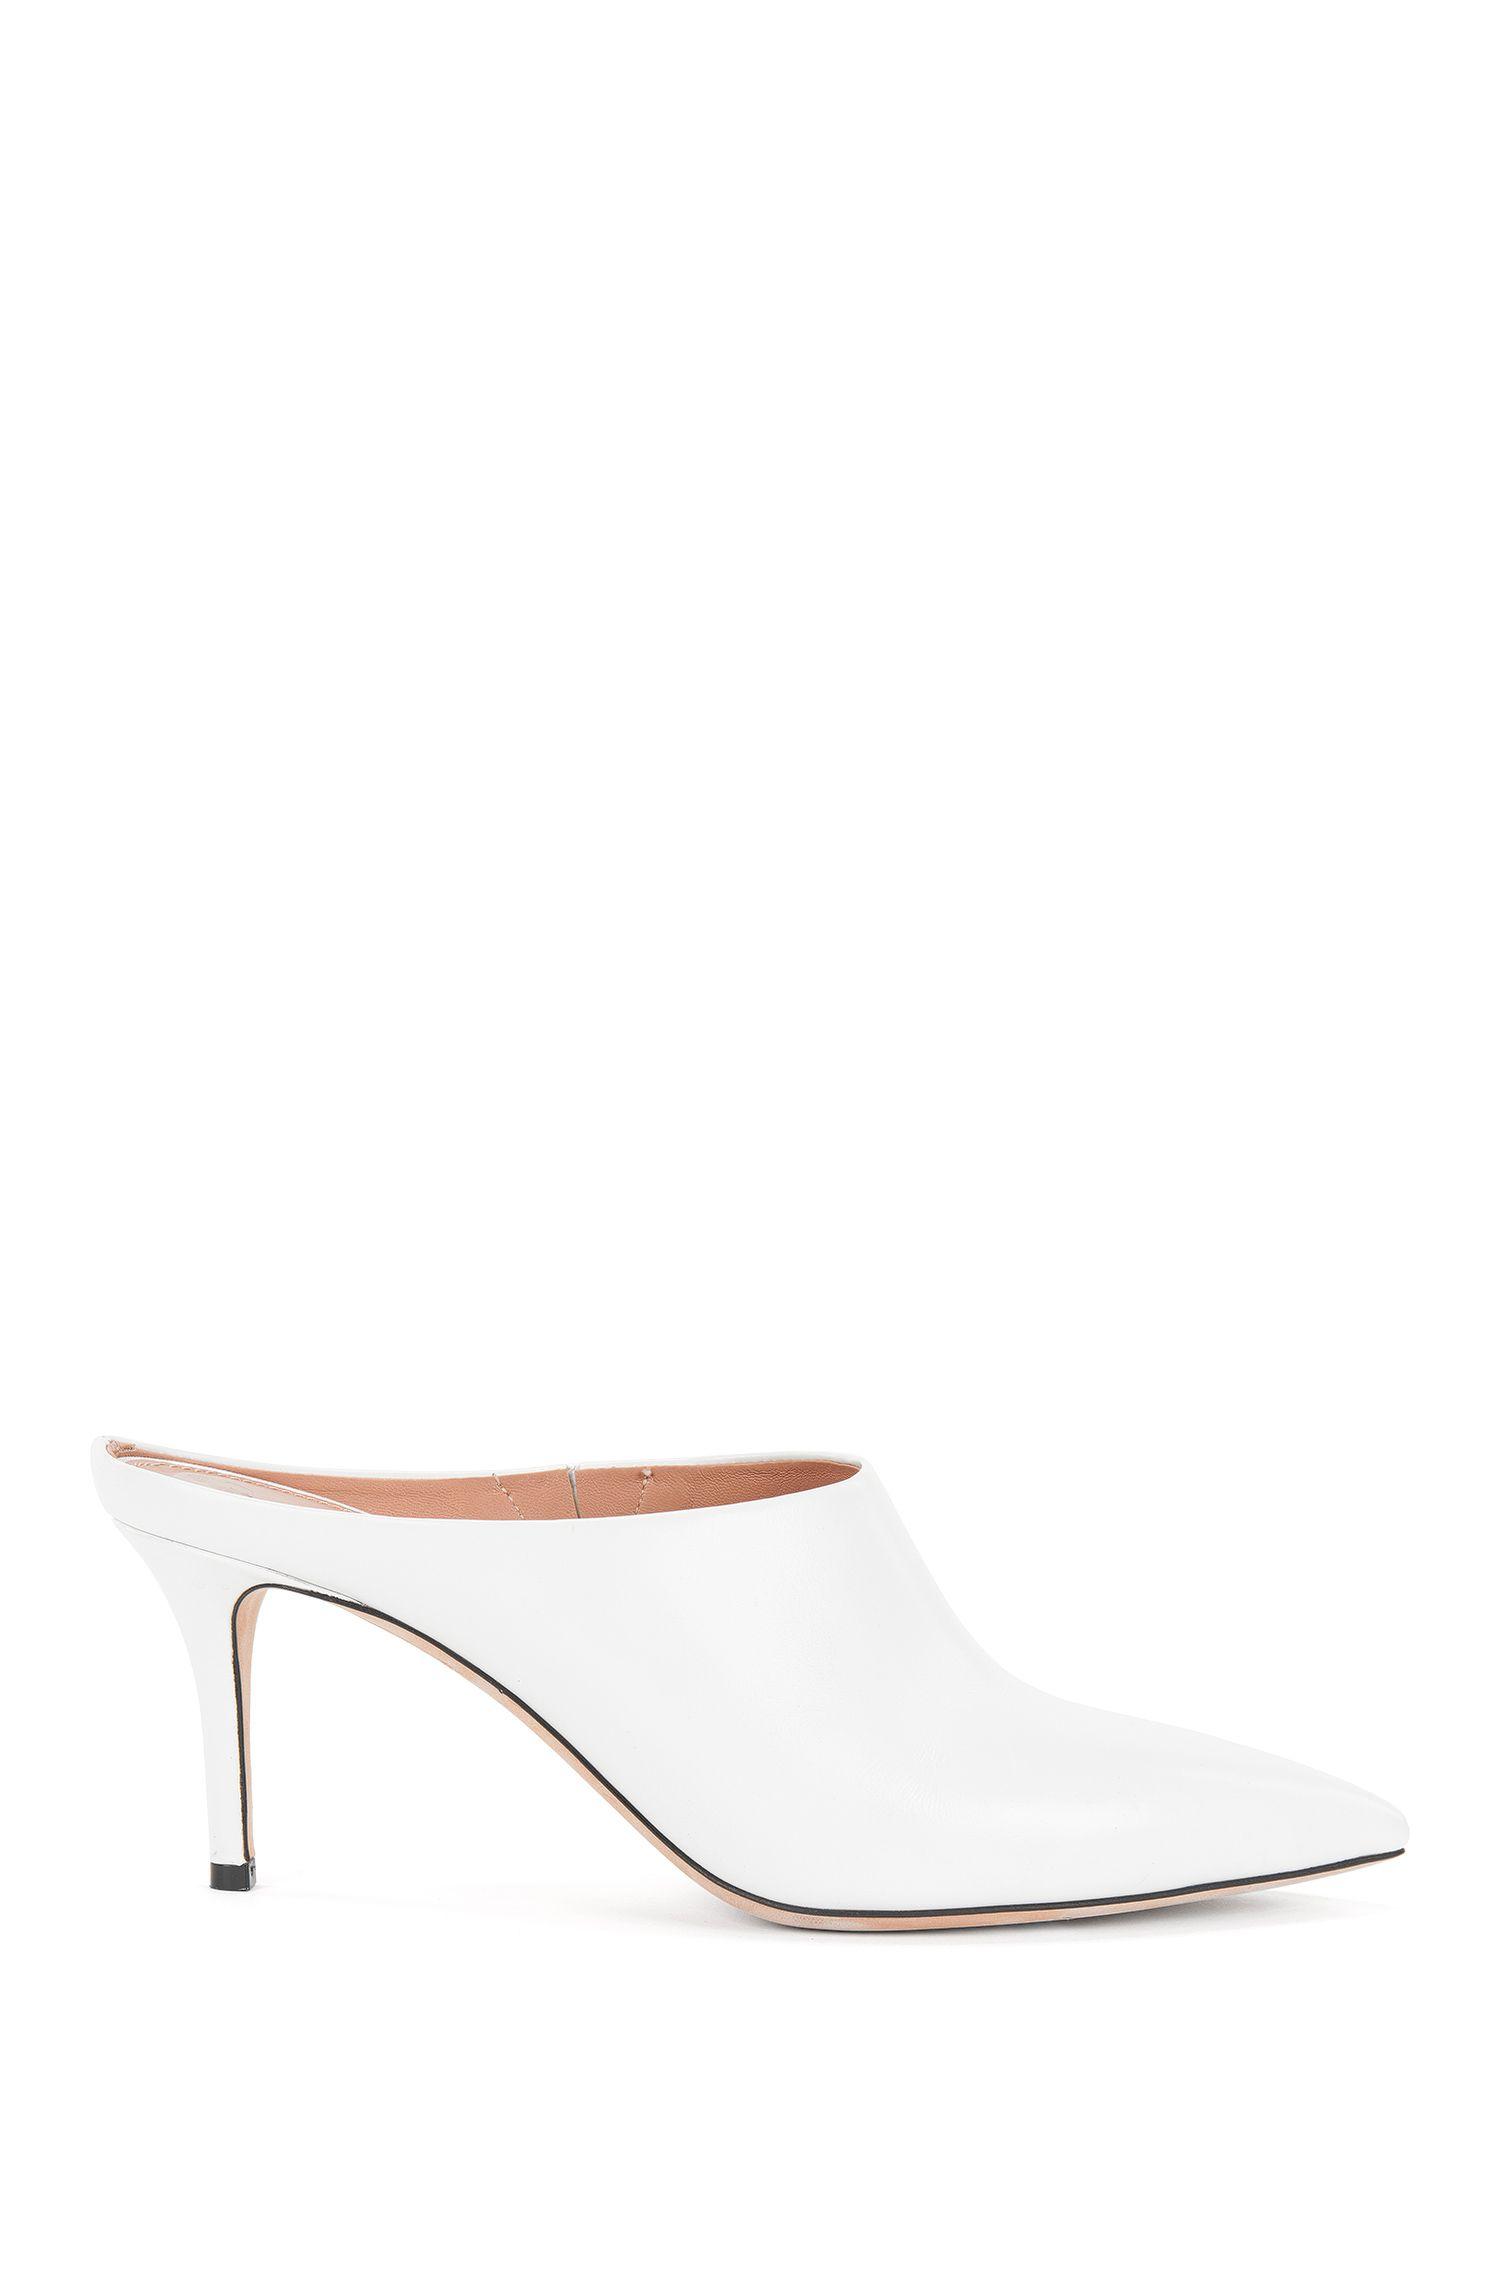 Zapatos mules con puntera afilada en piel italiana